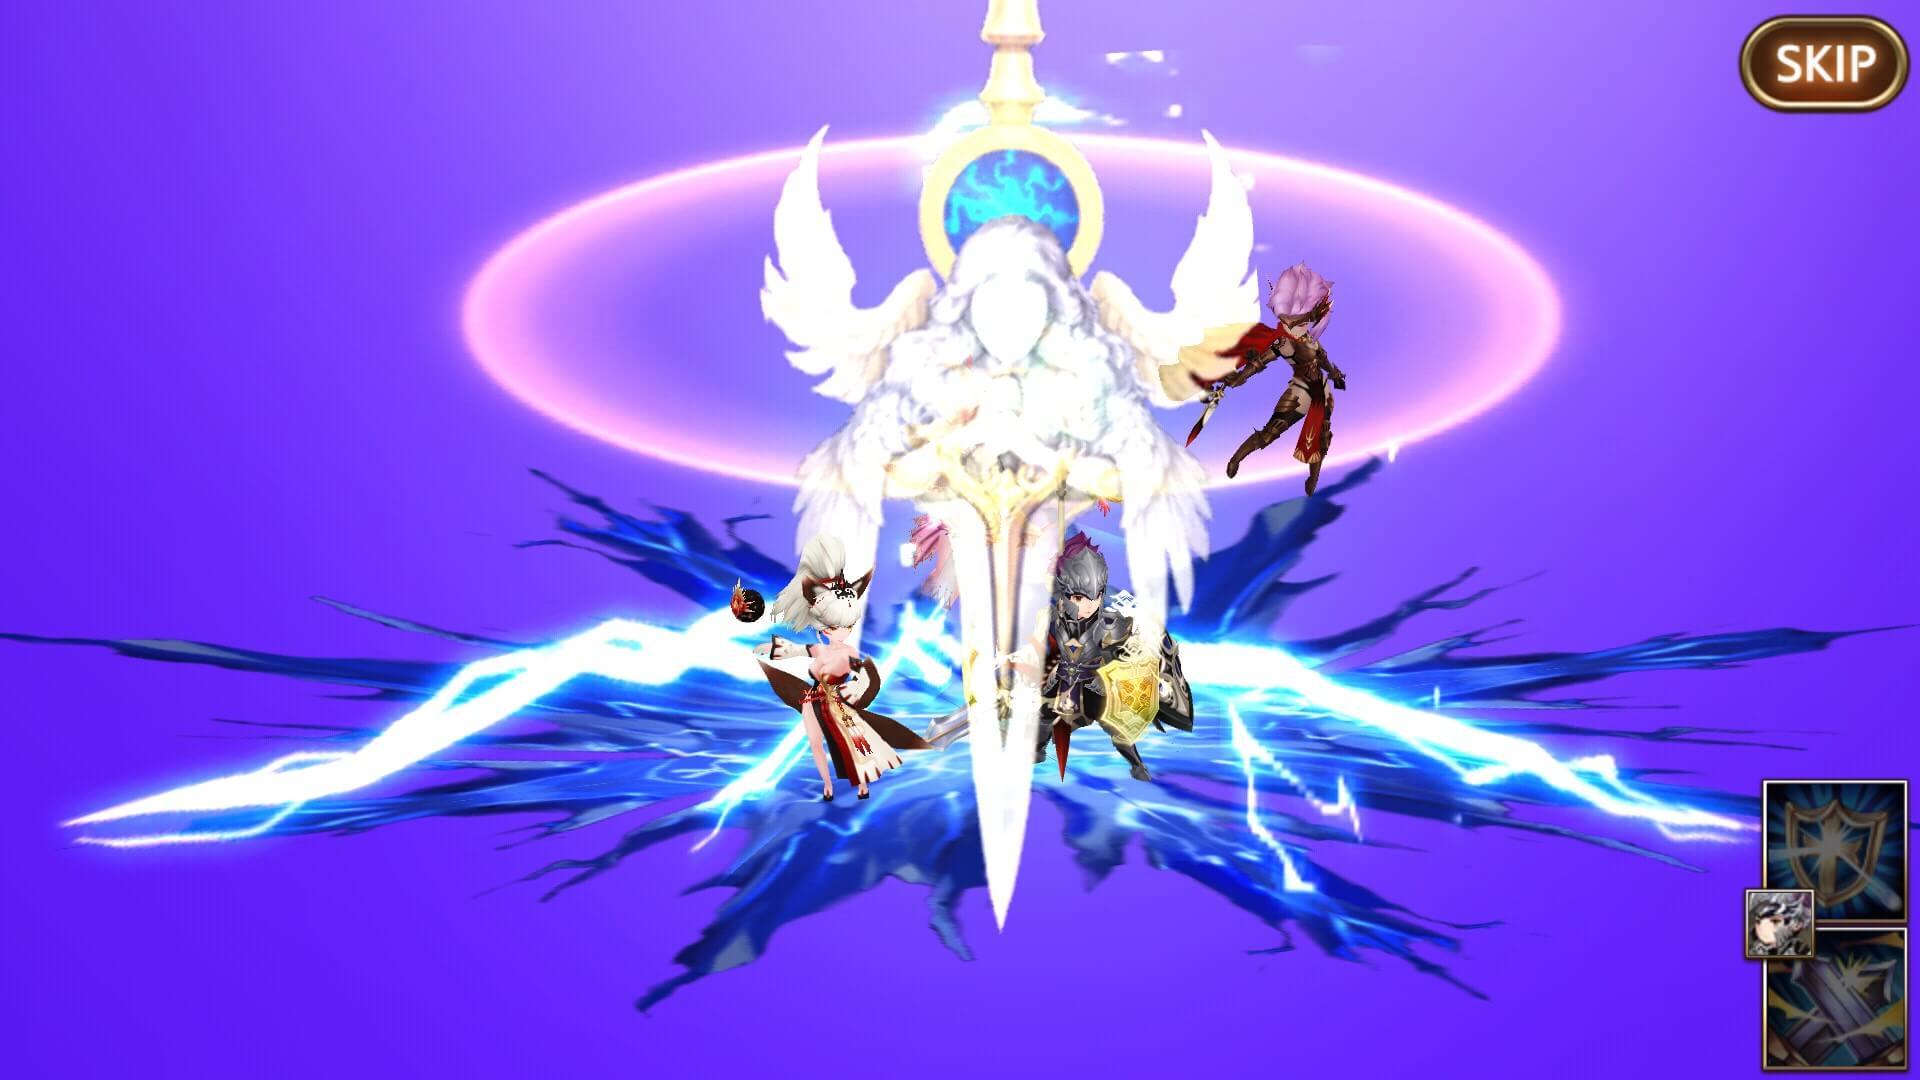 光り輝く剣が降り注ぎます。